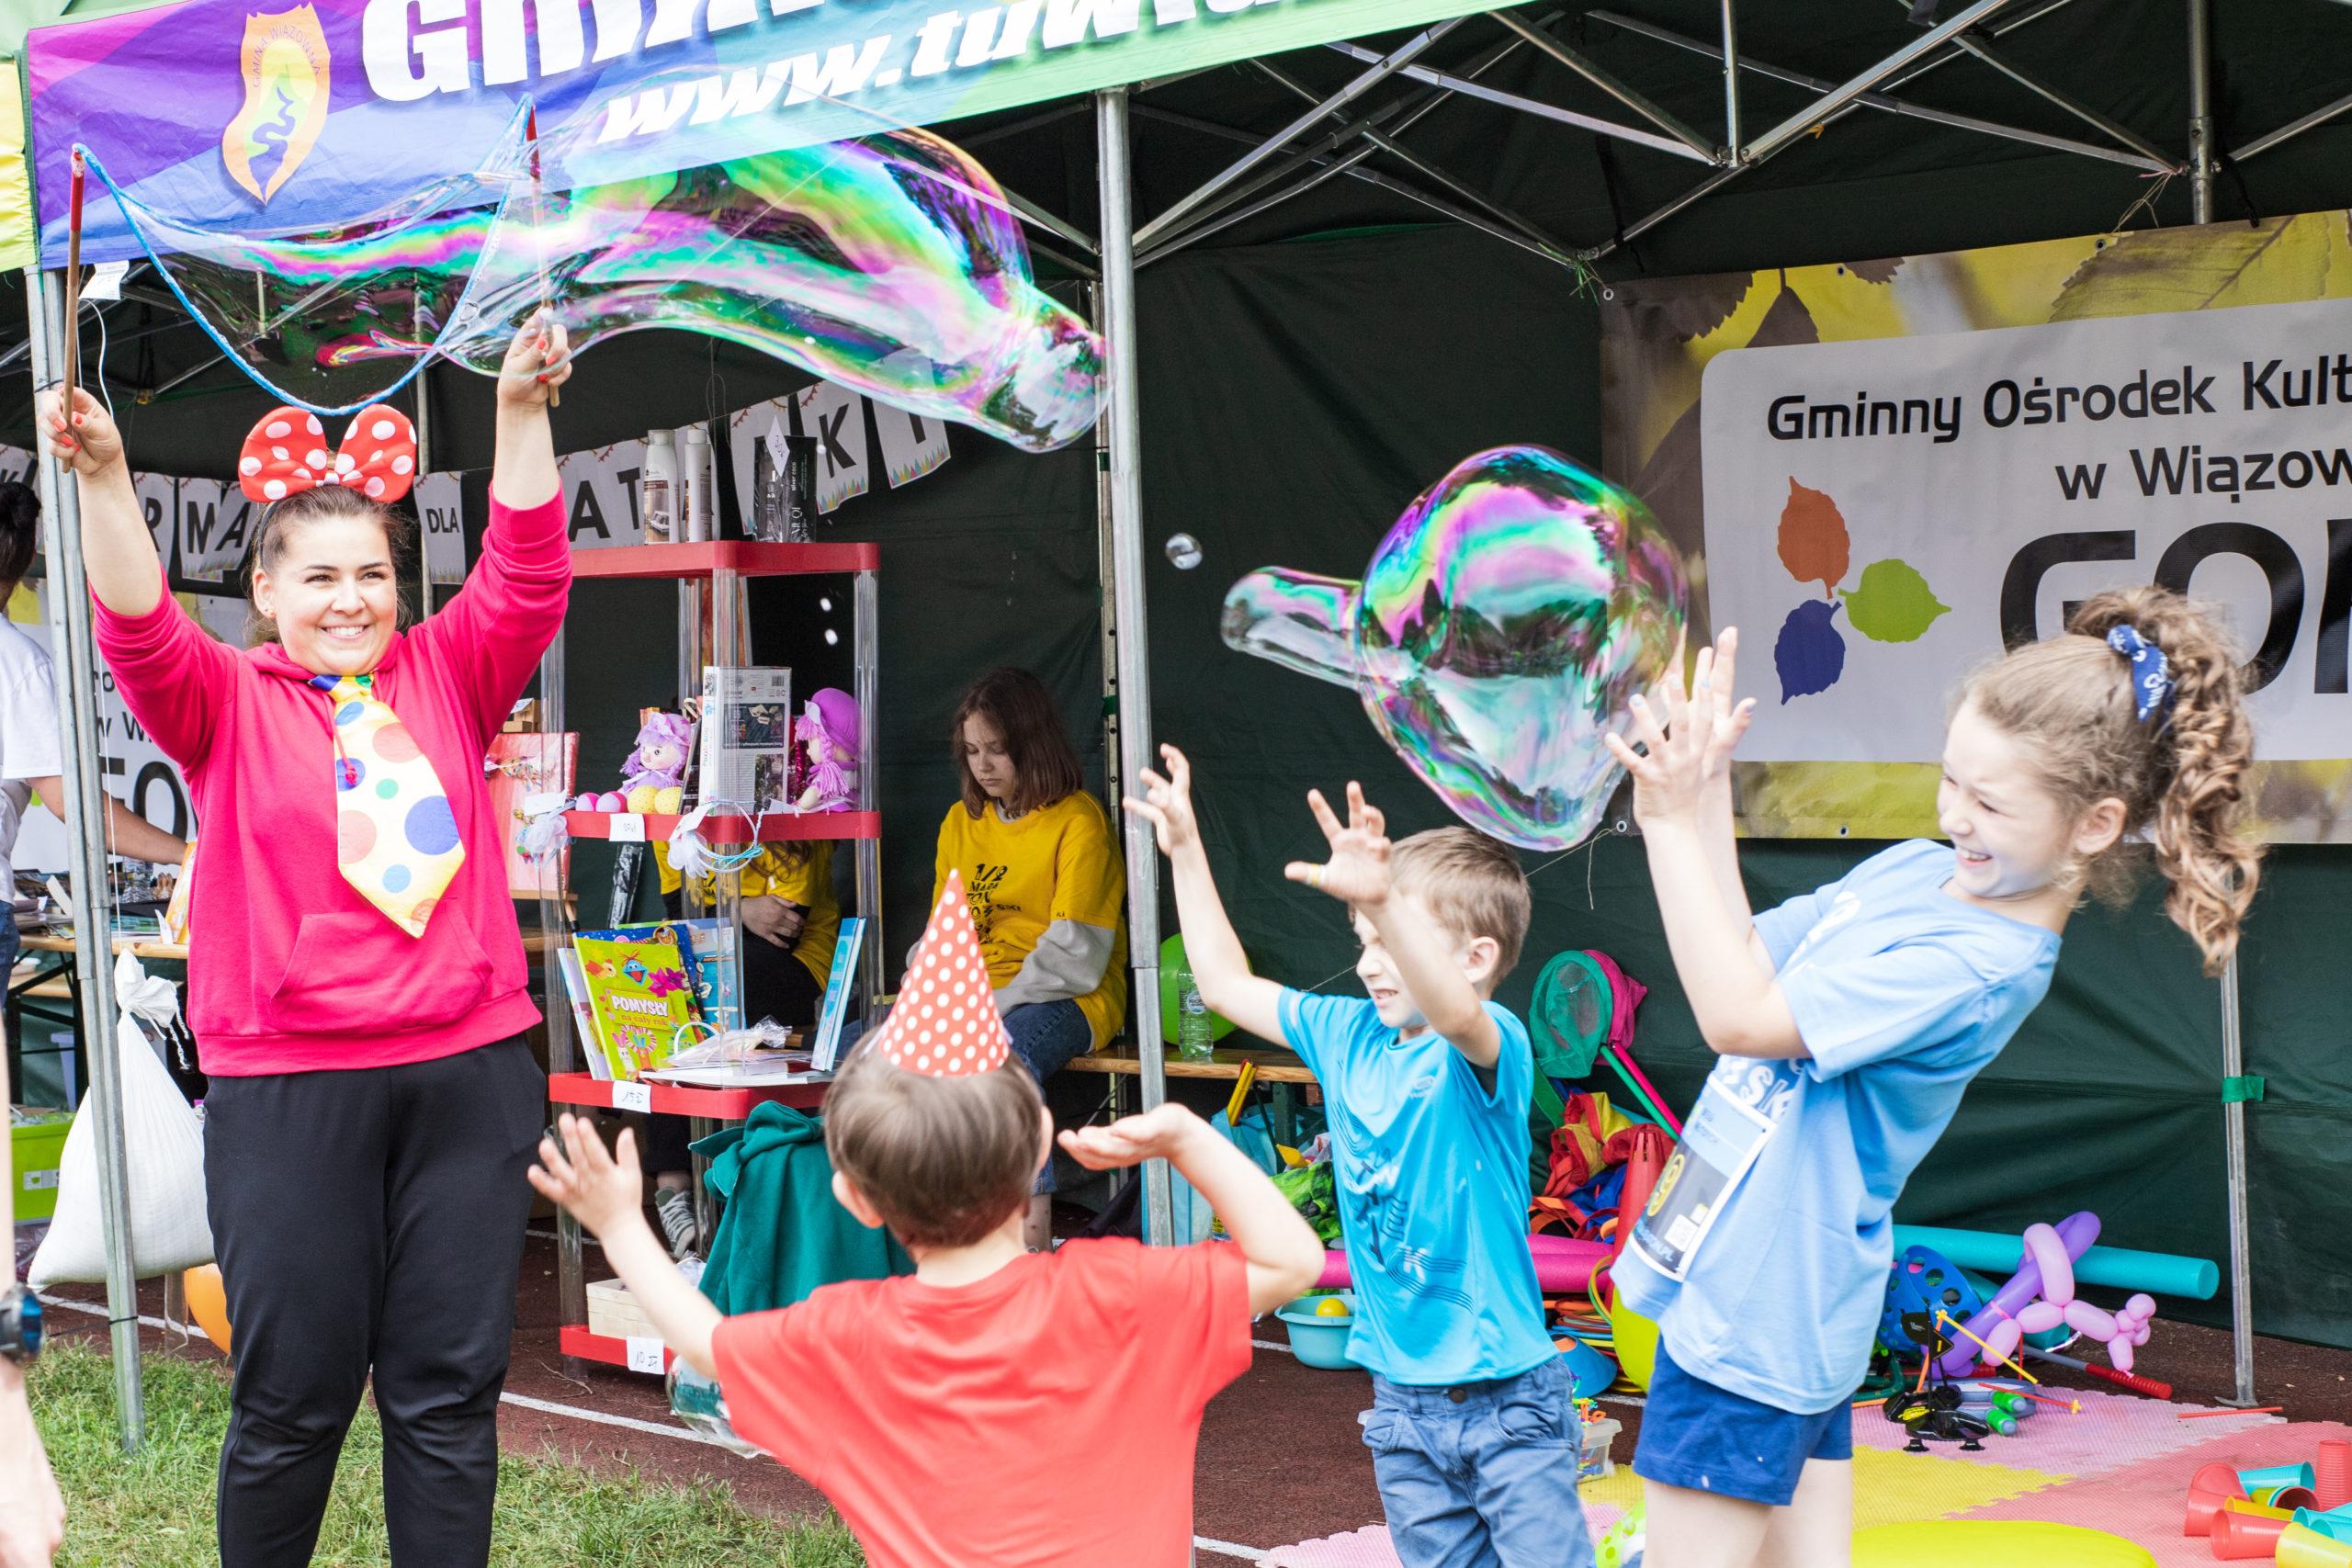 Gminny Ośrodek Kultury przygotował gry i zabawy dla dzieci